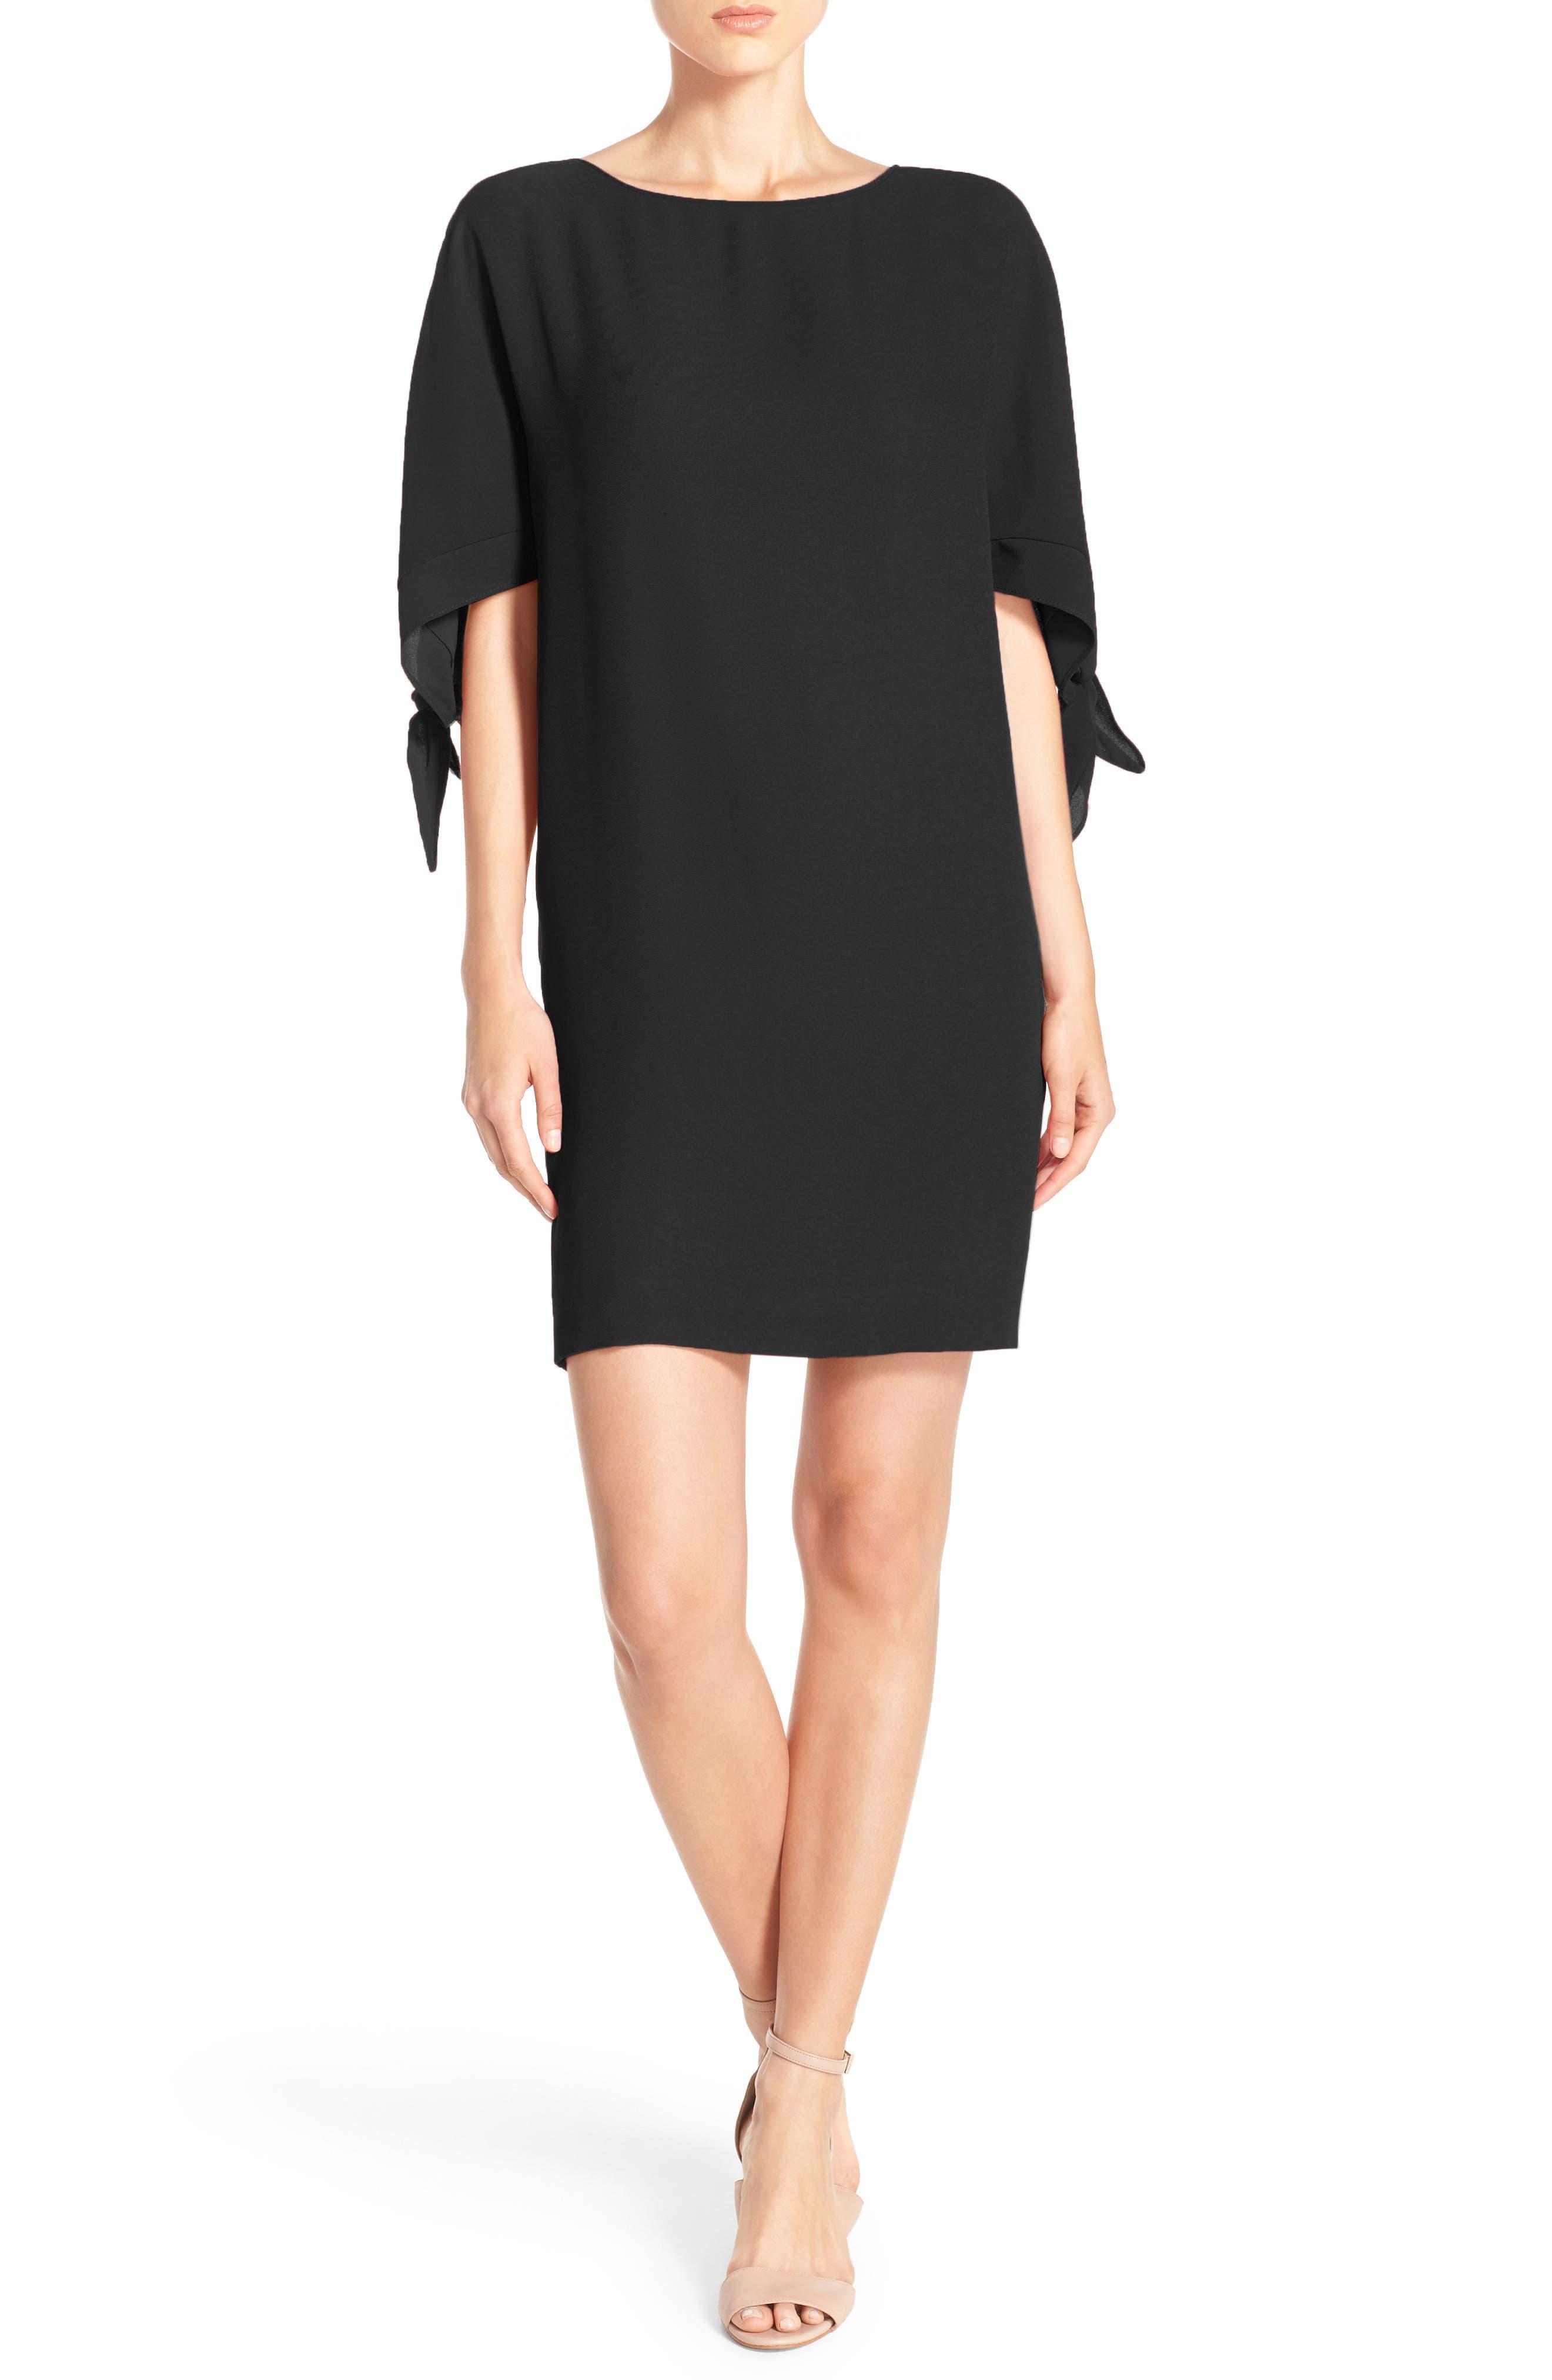 Alternate Image 1 Selected - Vince Camuto Cold Shoulder Shift Dress (Regular & Petite)